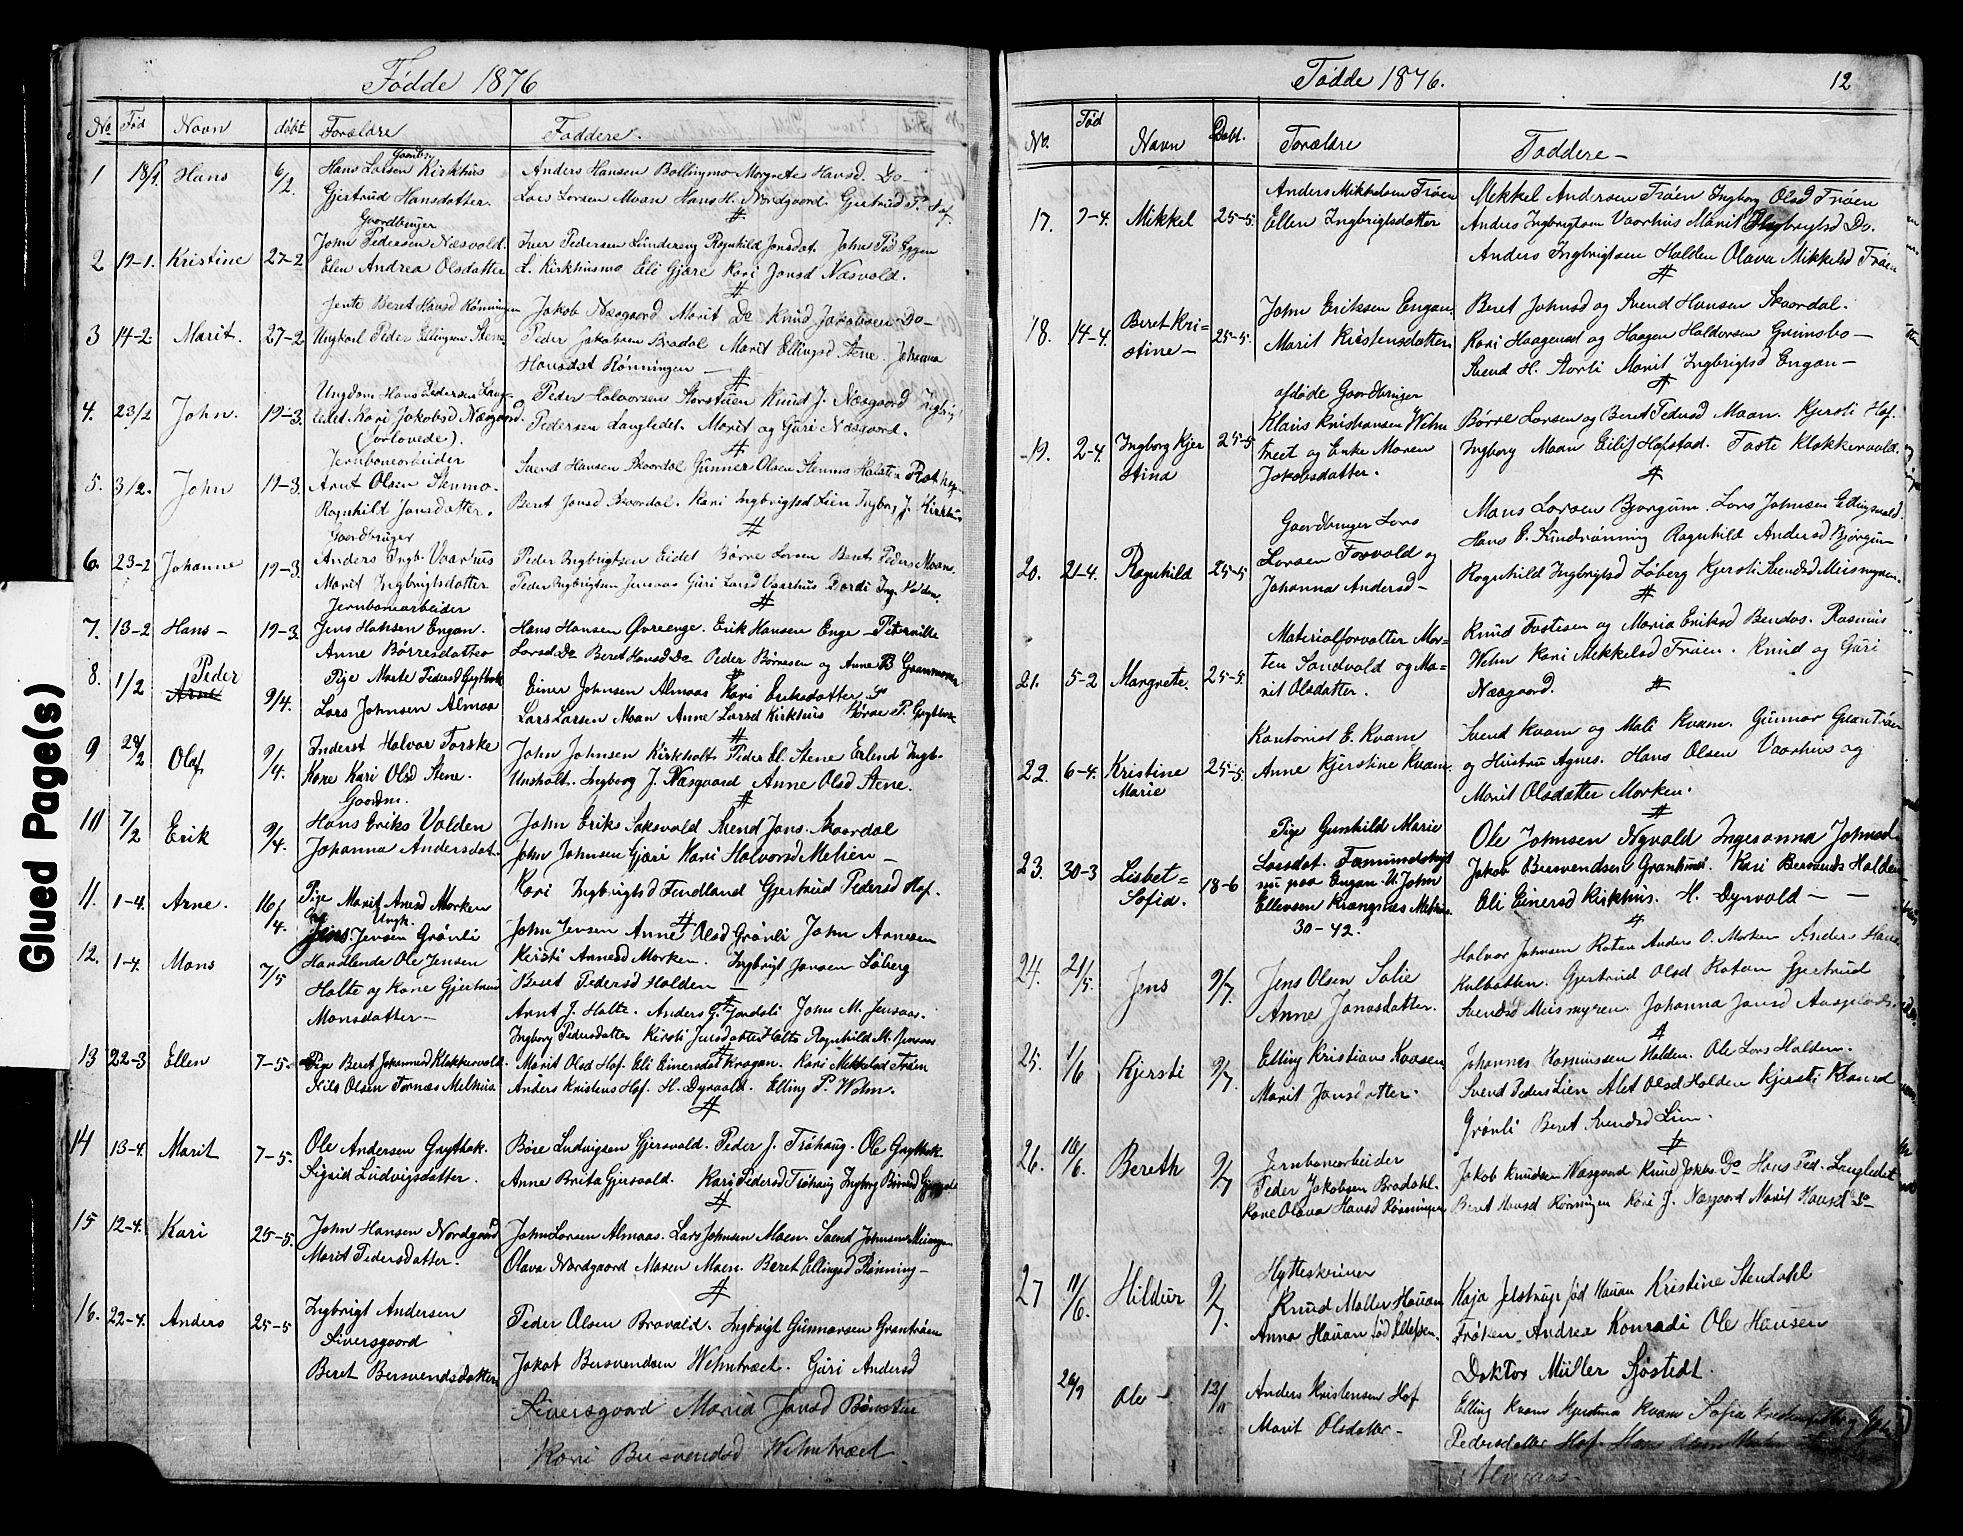 SAT, Ministerialprotokoller, klokkerbøker og fødselsregistre - Sør-Trøndelag, 686/L0985: Klokkerbok nr. 686C01, 1871-1933, s. 12